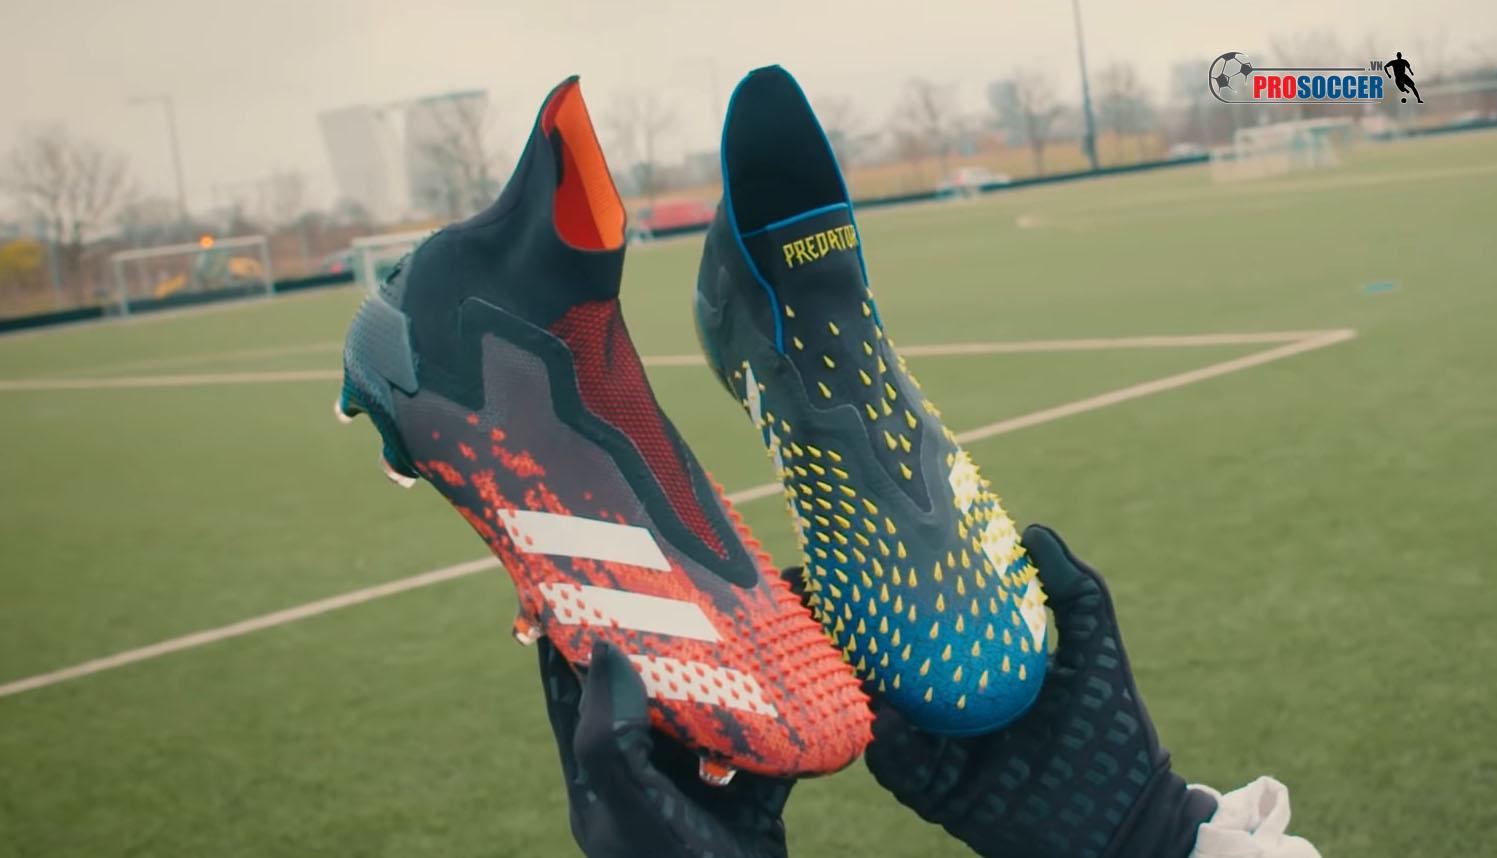 Giày đá banh chính hãng cao cấp sử dụng bởi cầu thủ chuyên nghiệp